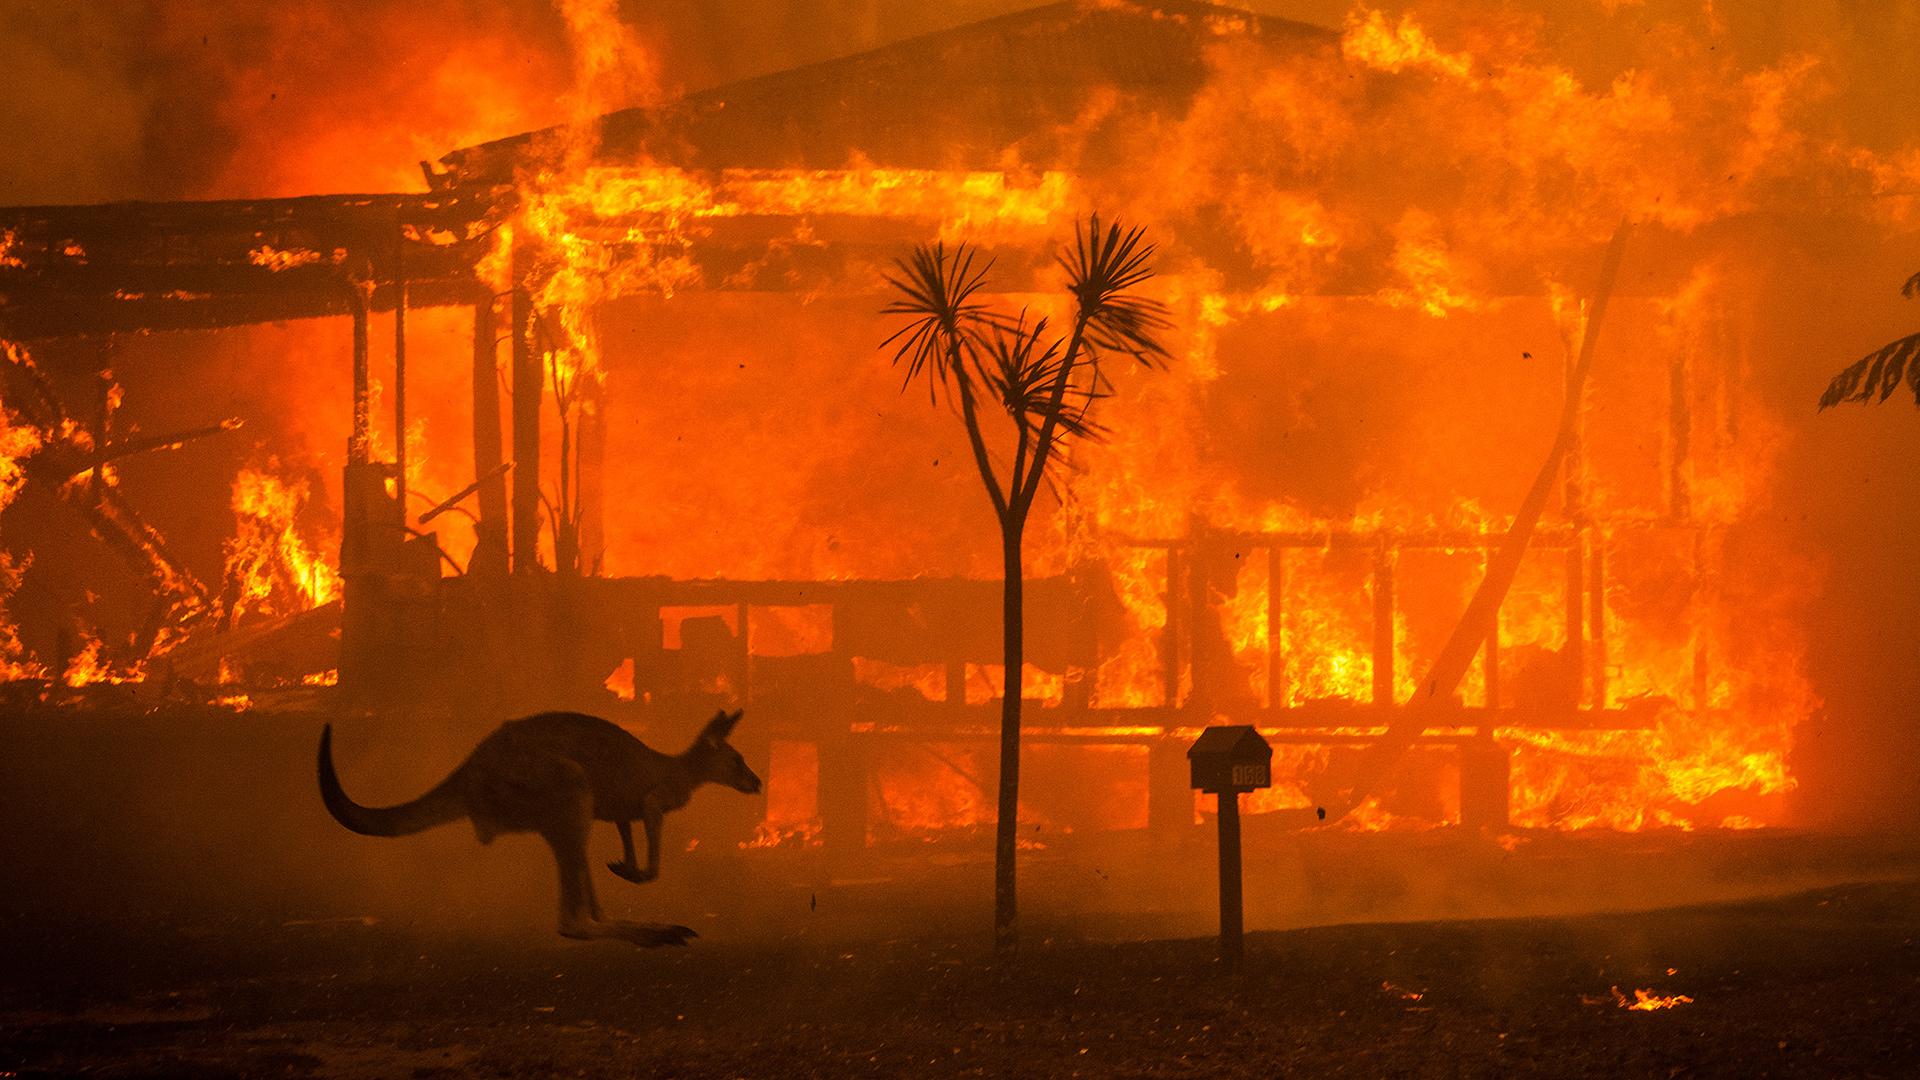 Dramatische Bilder: Die Feuer in Australien sind außer Kontrolle. © Matthew Abbott / WWF-Australia / Panos